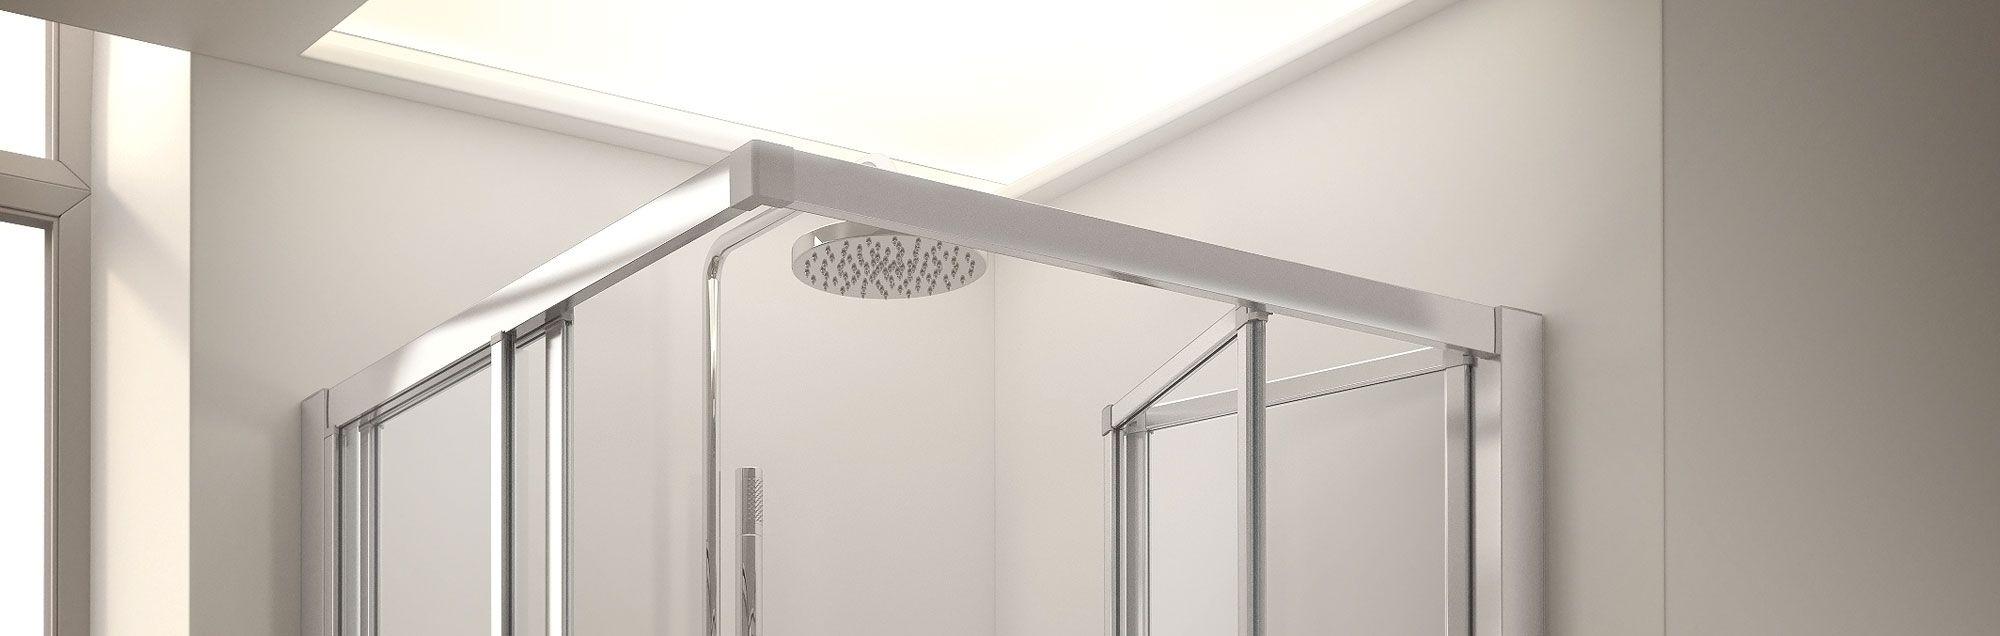 Serie Duna de mamparas plegables de bañera a medida